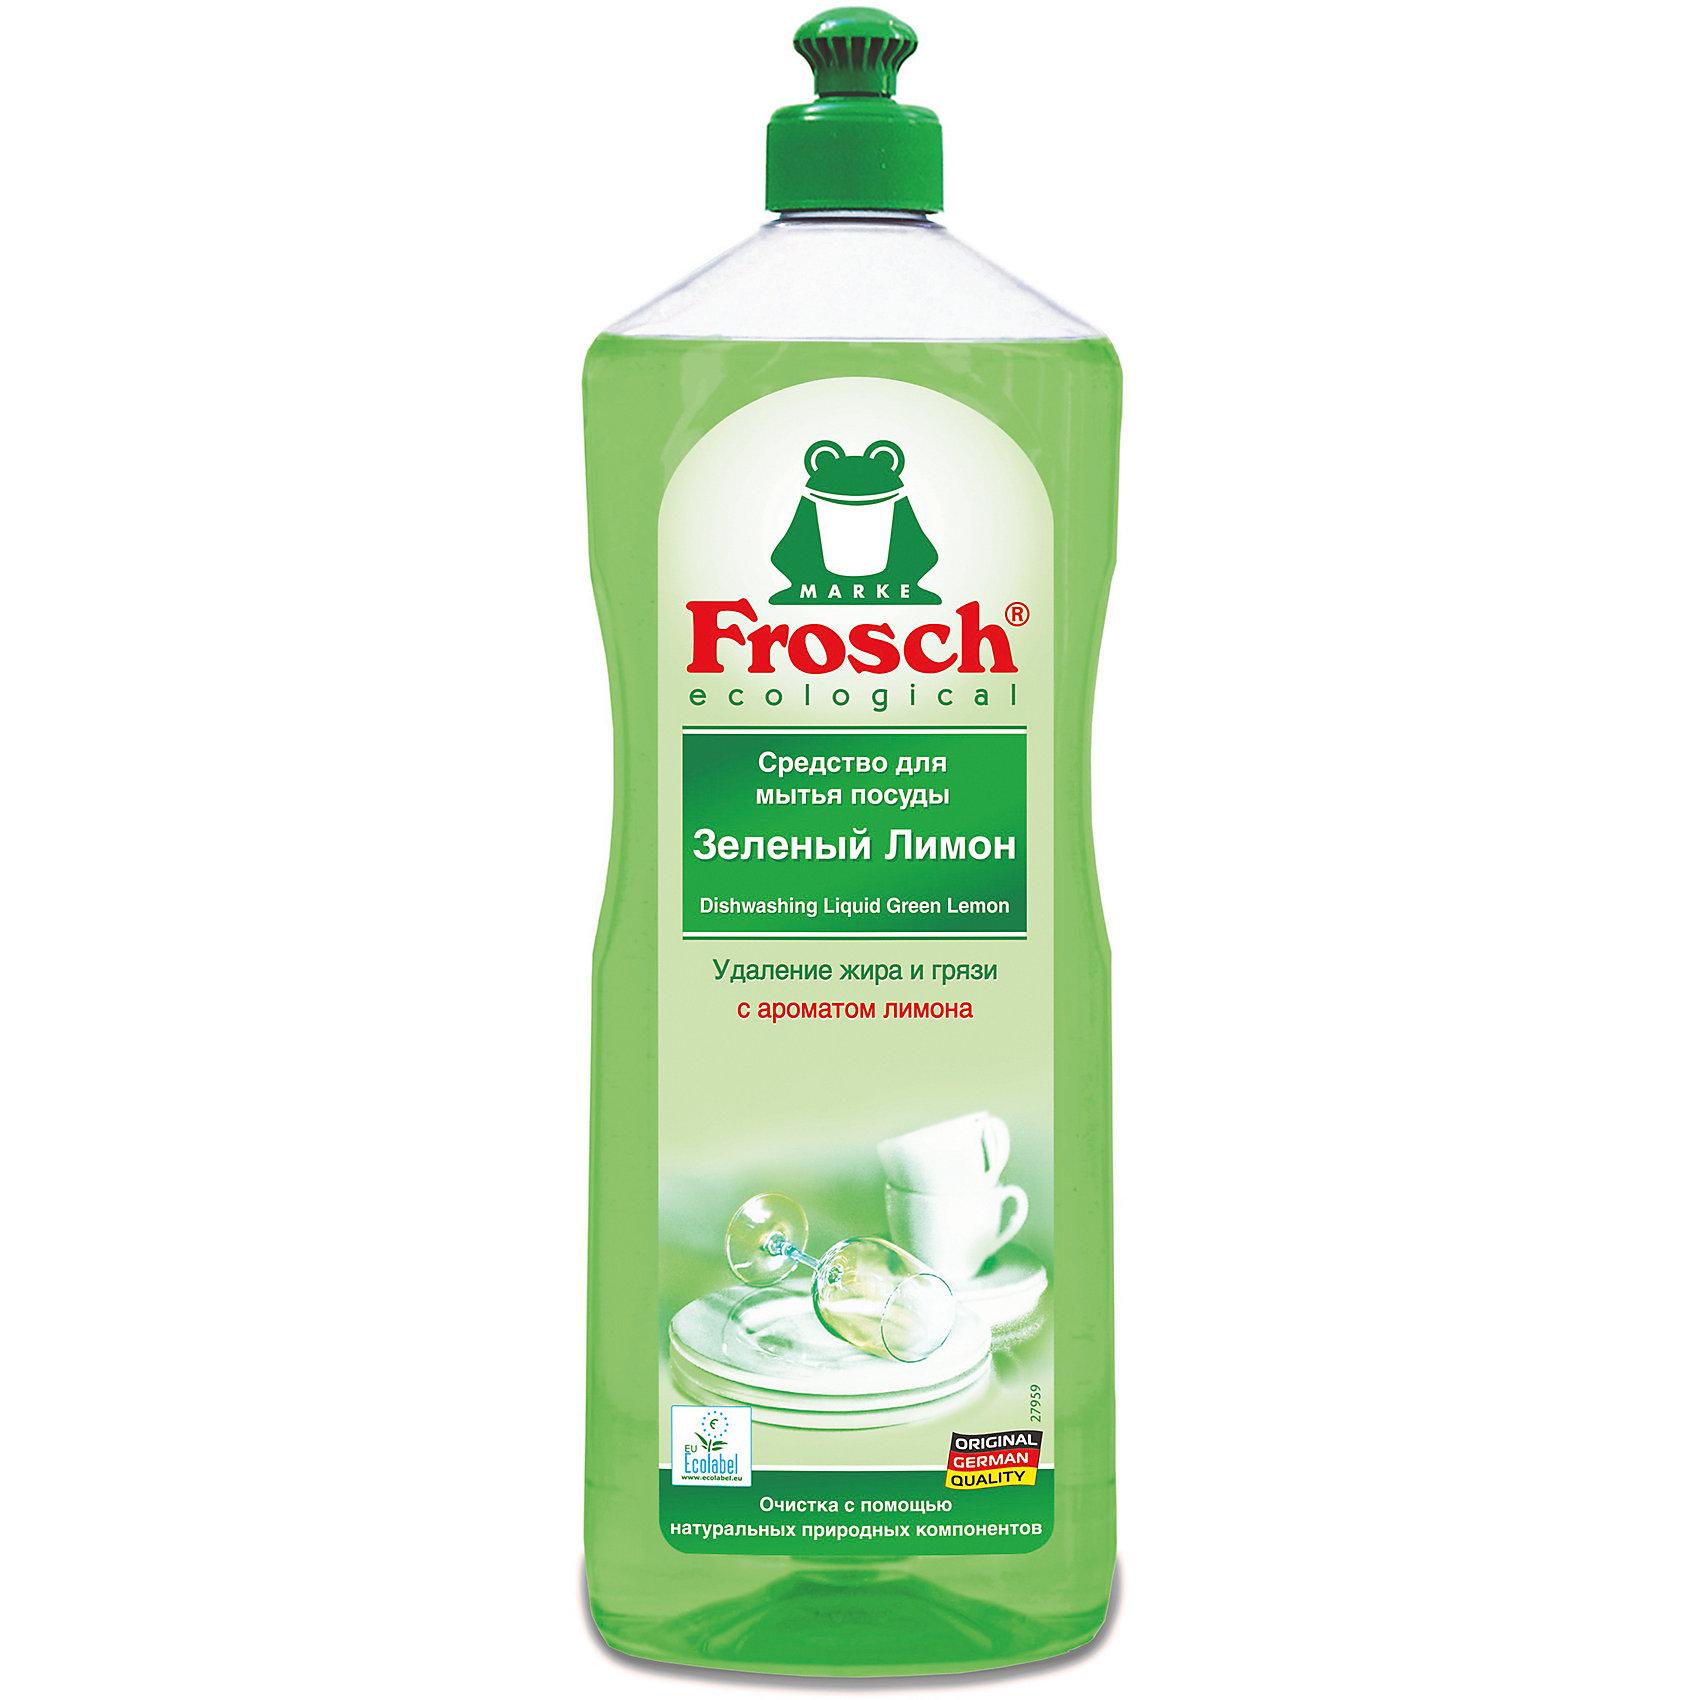 Средство для мытья посуды (зеленый лимон), 1 л., FroschБытовая химия<br>Характеристики товара:<br><br>• объем: 1 л<br>• упаковка: пластик<br>• страна бренда: Германия<br>• страна изготовитель: Германия<br><br>К средствам для мытья посуду предъявляются повышенные требования, так как вещества могут содержать опасные для здоровья компоненты. Но только не продукция компании Frosch. <br><br>Средство эффективно удаляет жир и загрязнения с посуды, придает аромат зеленого лимона. Химический состав безопасен при использовании, а так же полностью смывается водой. Материалы, использованные при изготовлении товара, сертифицированы и отвечают всем международным требованиям по качеству. <br><br>Средство для мытья посуды (зеленый лимон), 1 л, от немецкого производителя Frosch (Фрош) можно приобрести в нашем интернет-магазине.<br><br>Ширина мм: 87<br>Глубина мм: 62<br>Высота мм: 277<br>Вес г: 1090<br>Возраст от месяцев: 216<br>Возраст до месяцев: 1188<br>Пол: Унисекс<br>Возраст: Детский<br>SKU: 5185730